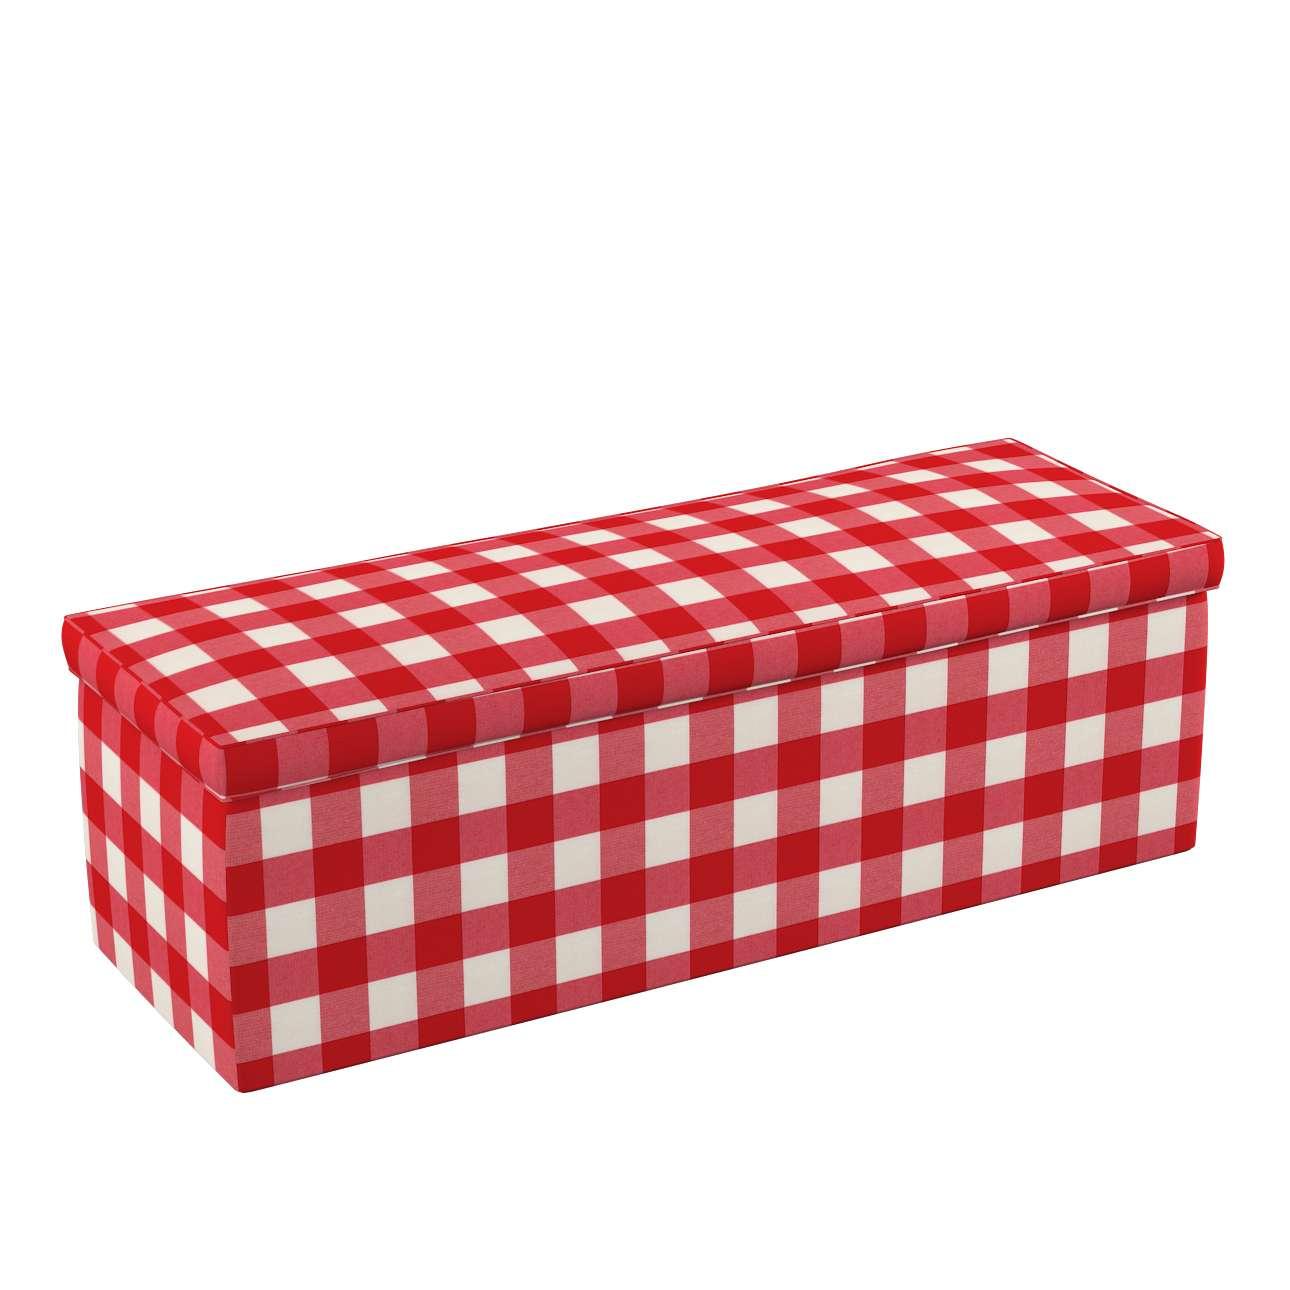 Čalouněná skříň s volbou látky - 2 velikosti v kolekci Quadro, látka: 136-18